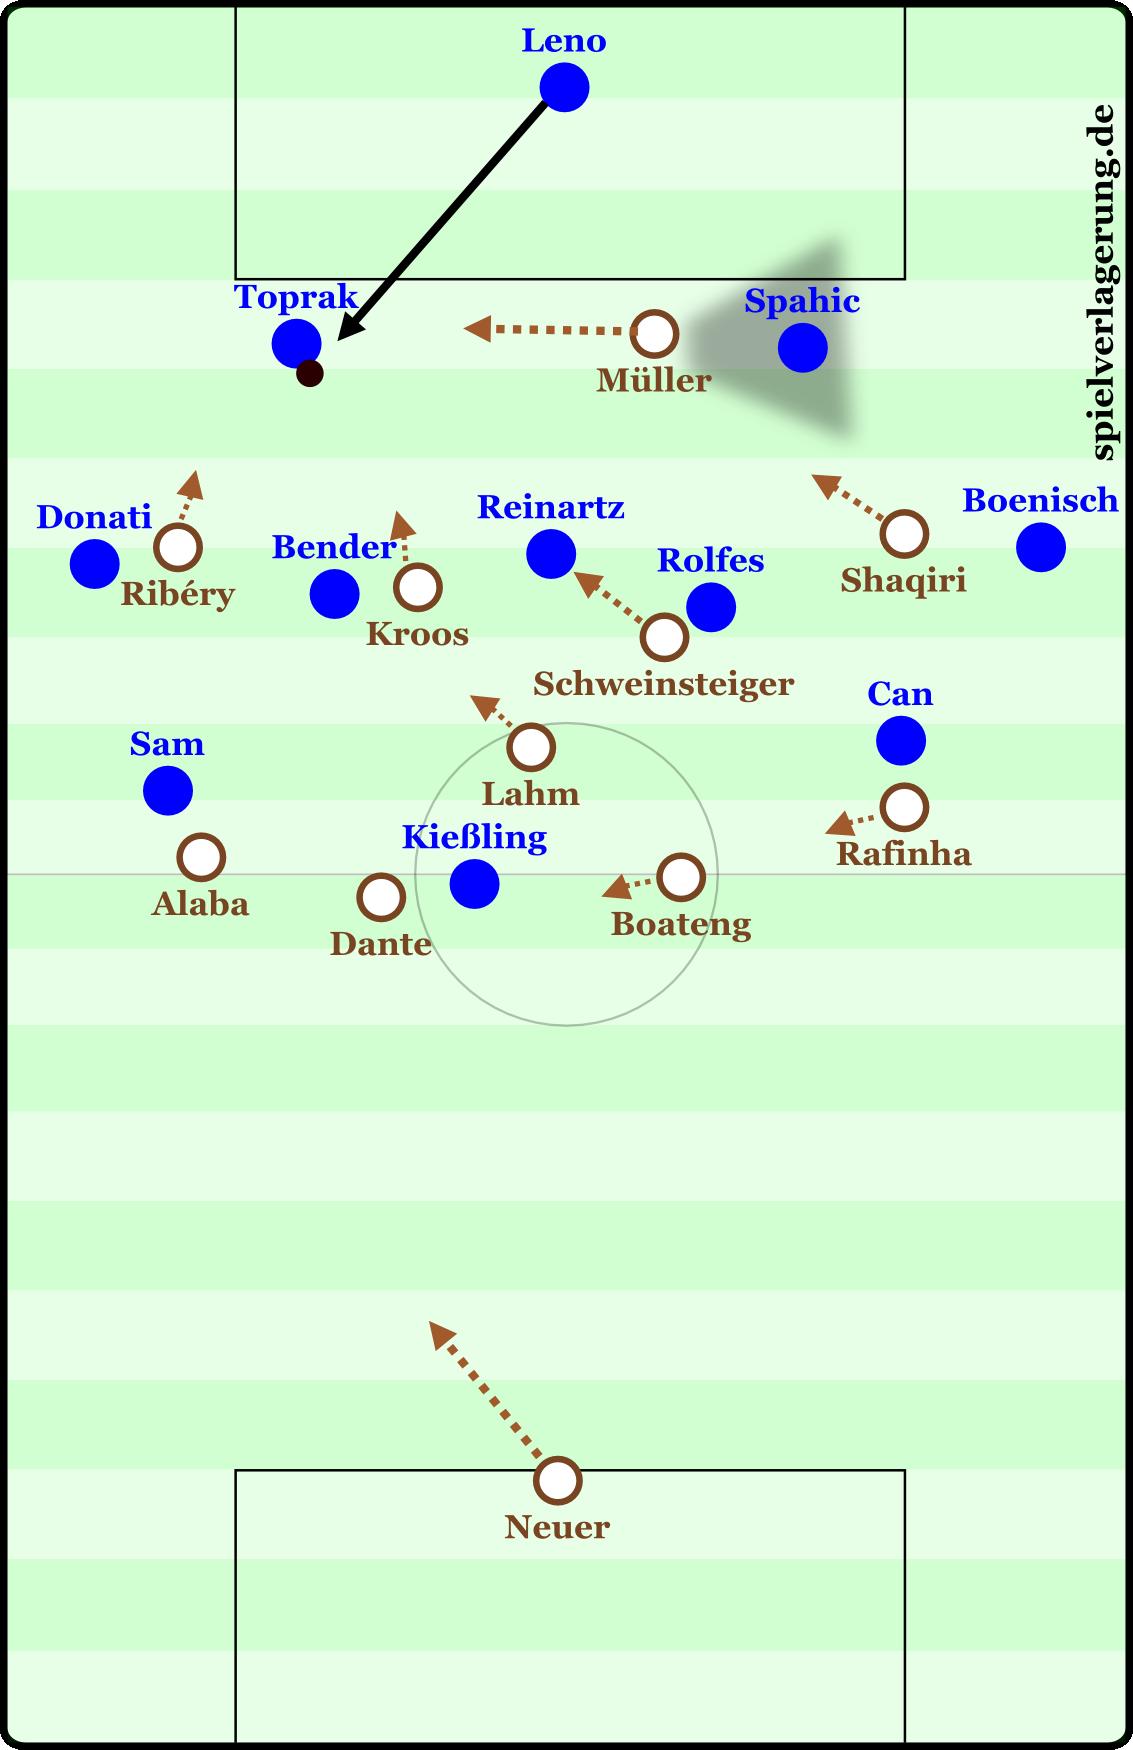 Eine von vielen Pressingvarianten der Bayern in der Ära Guardiola.